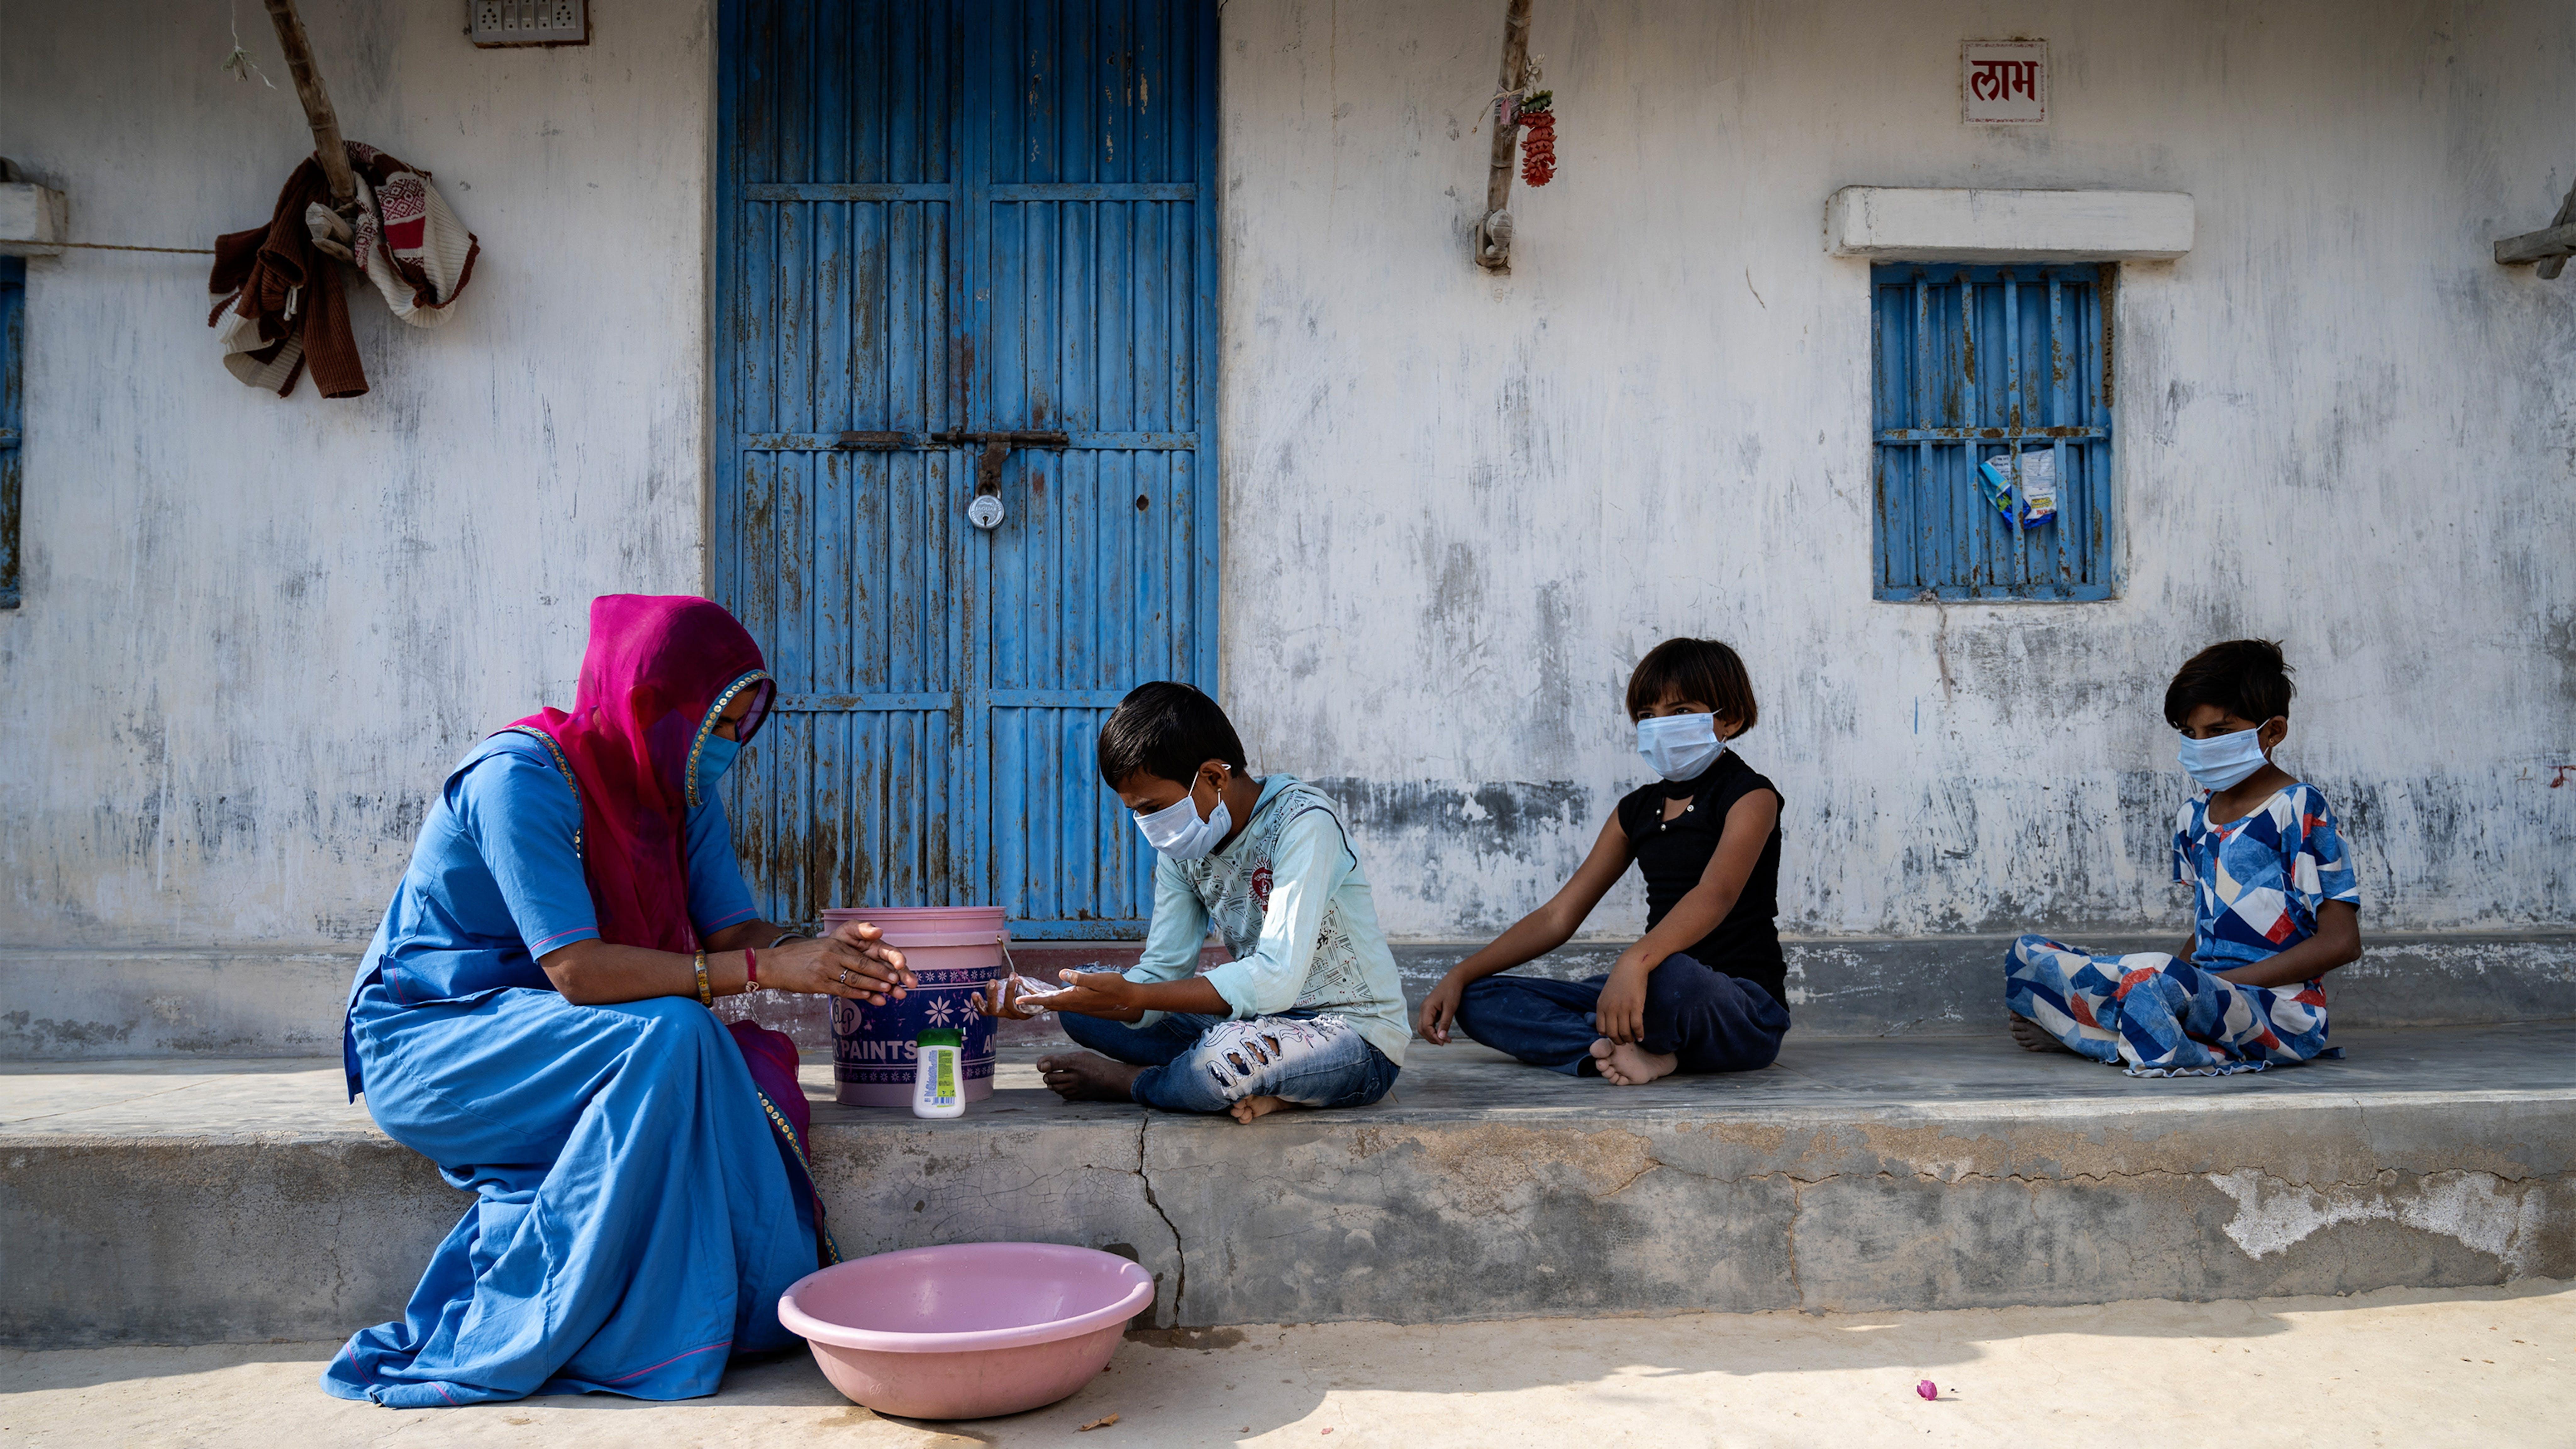 India,  Asha Laxmi, un operatore sociale.  conduce una sessione di lavaggio delle mani nelle case del villaggio durante la pandemia di covid 19